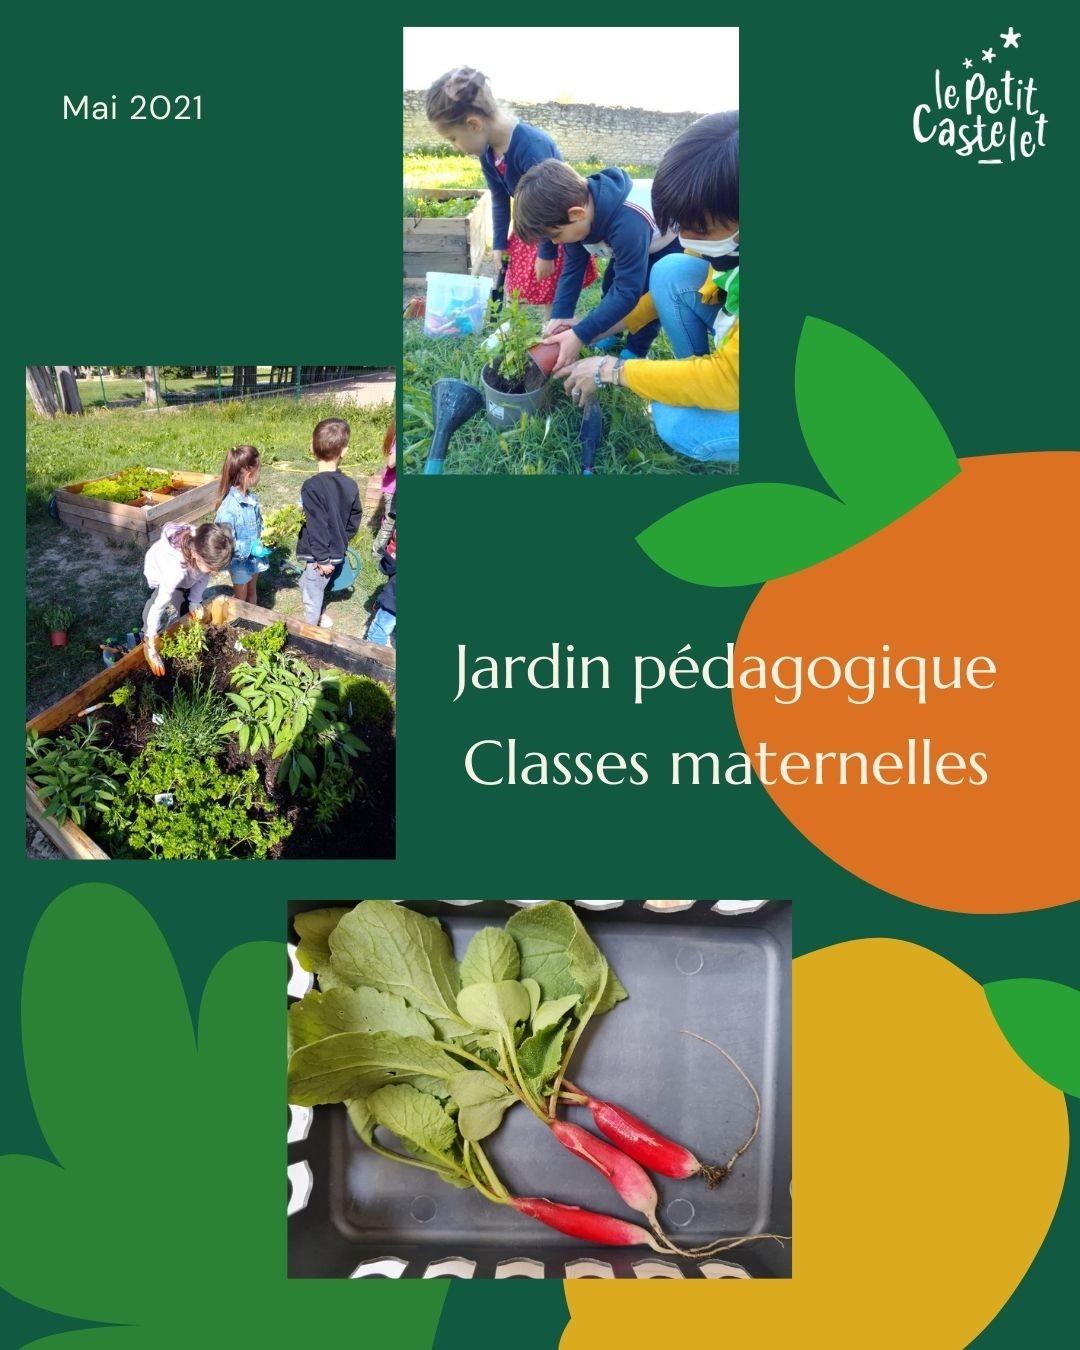 Jardin pédagogique Maternelle